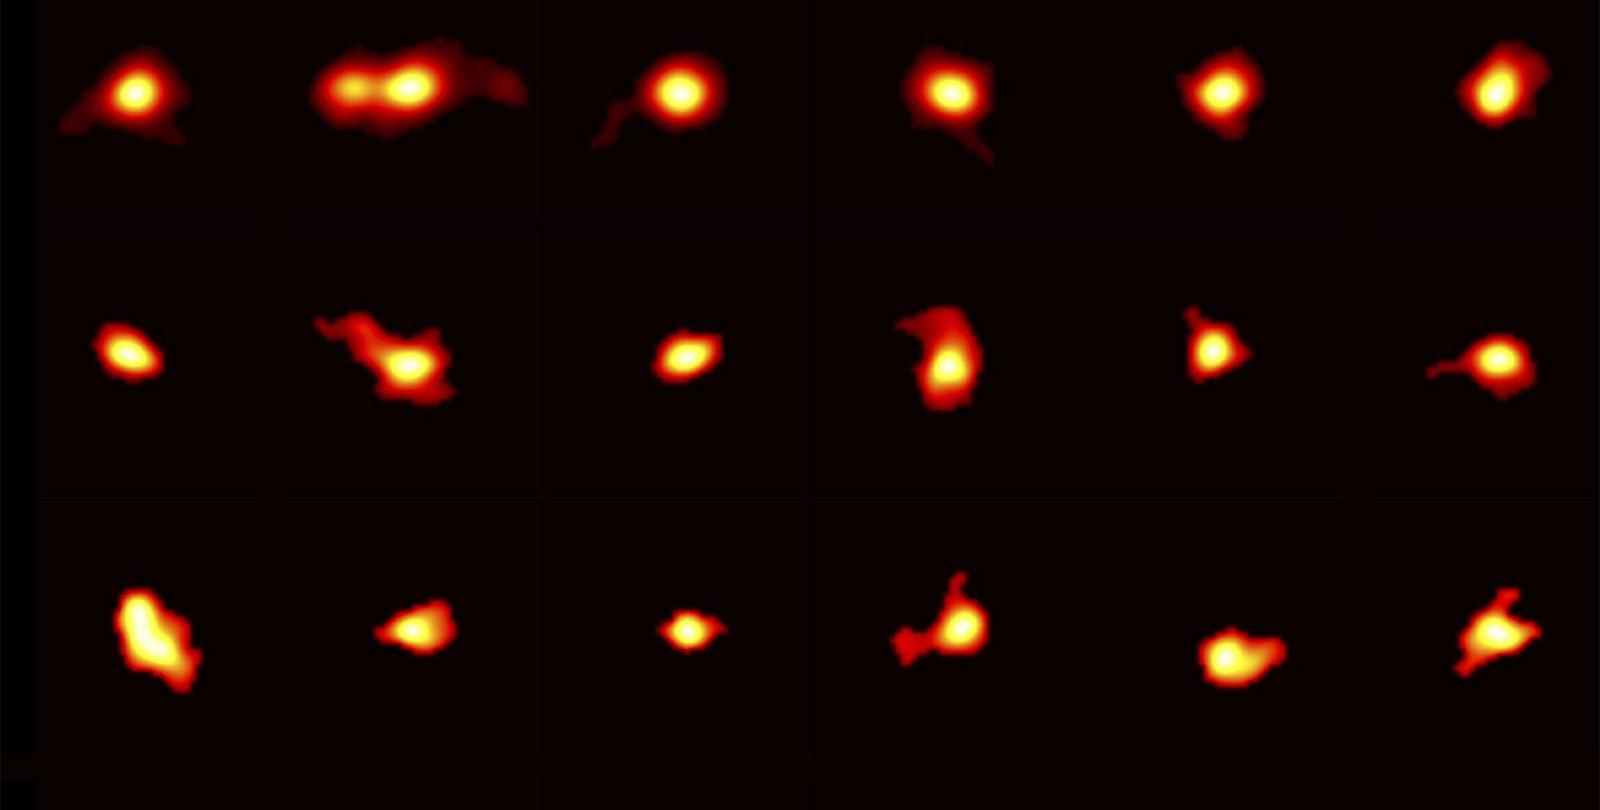 Rotating galaxies imaged by ALMA.